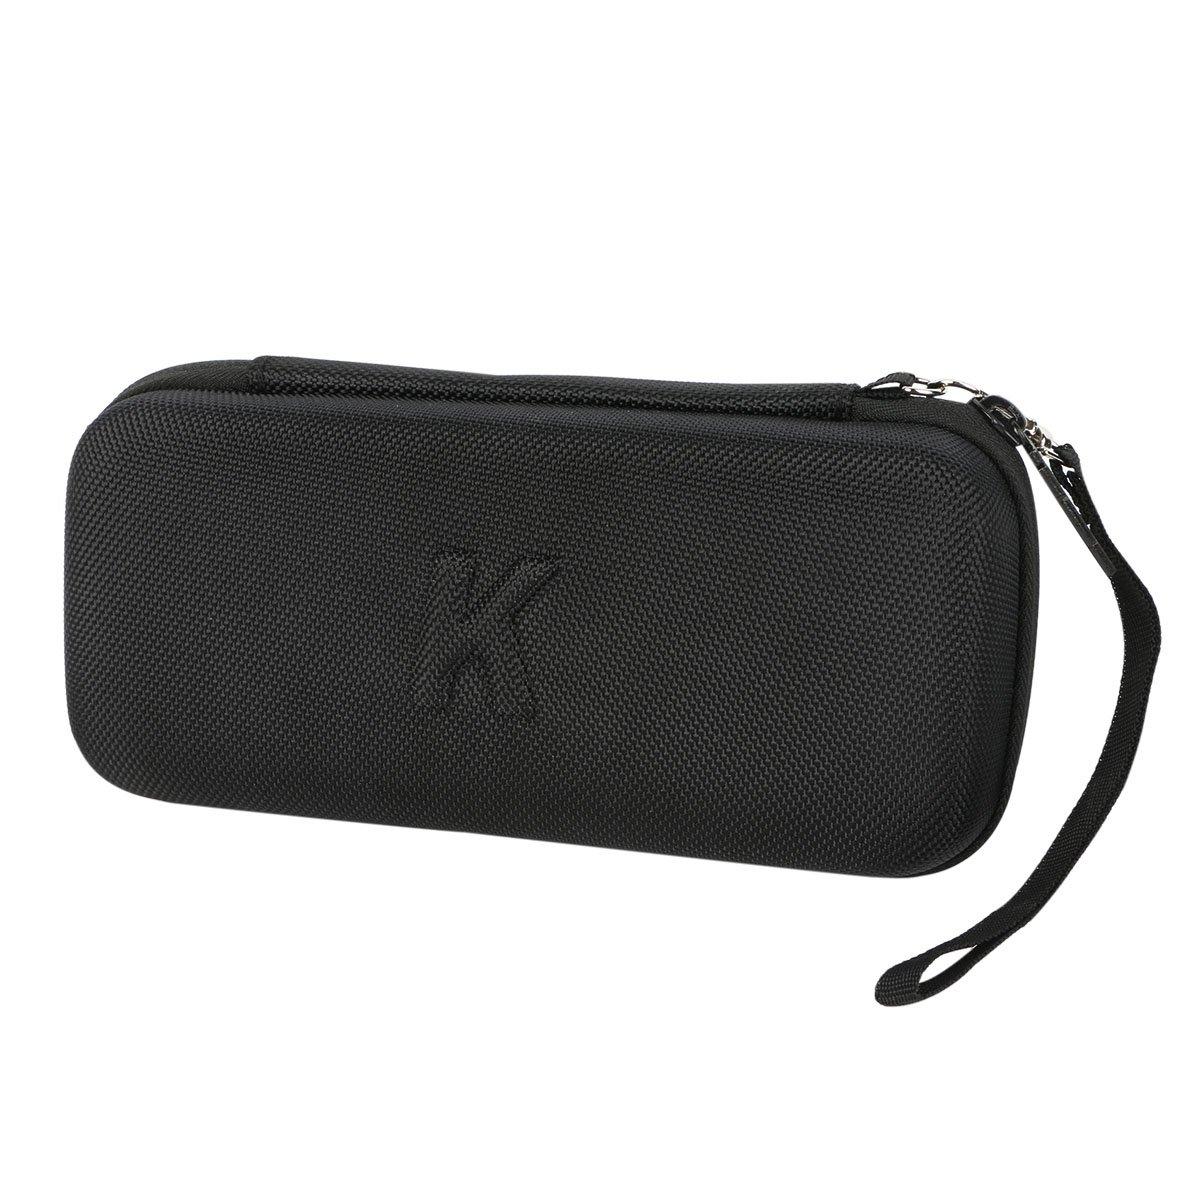 Khanka Hard Travel Case for RAVPower Portable Charger RAVPower 22000mAh Portable Phone Charger 22000 Power Bank 5.8A Output 3-Port Battery Packs (Black)